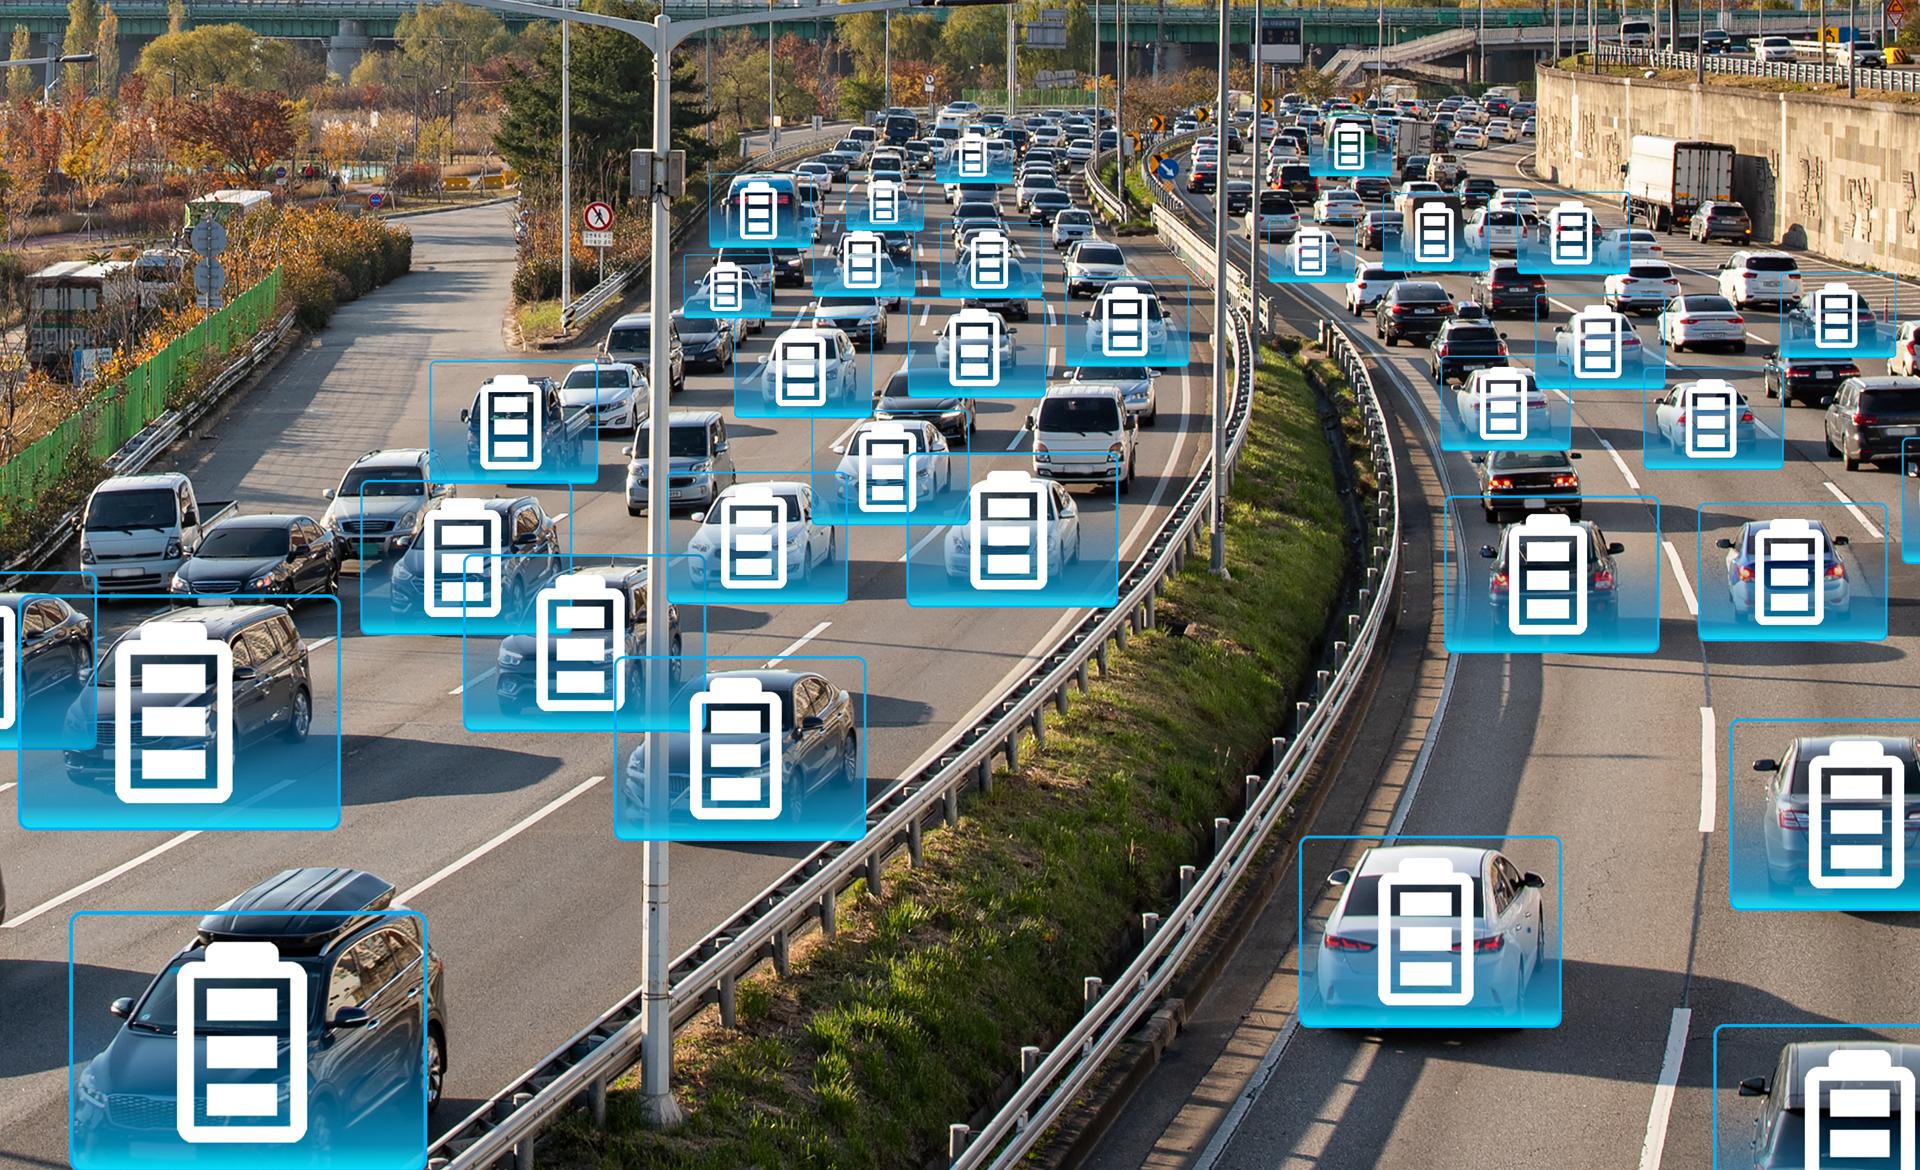 The 12 million vehicle EV pivot